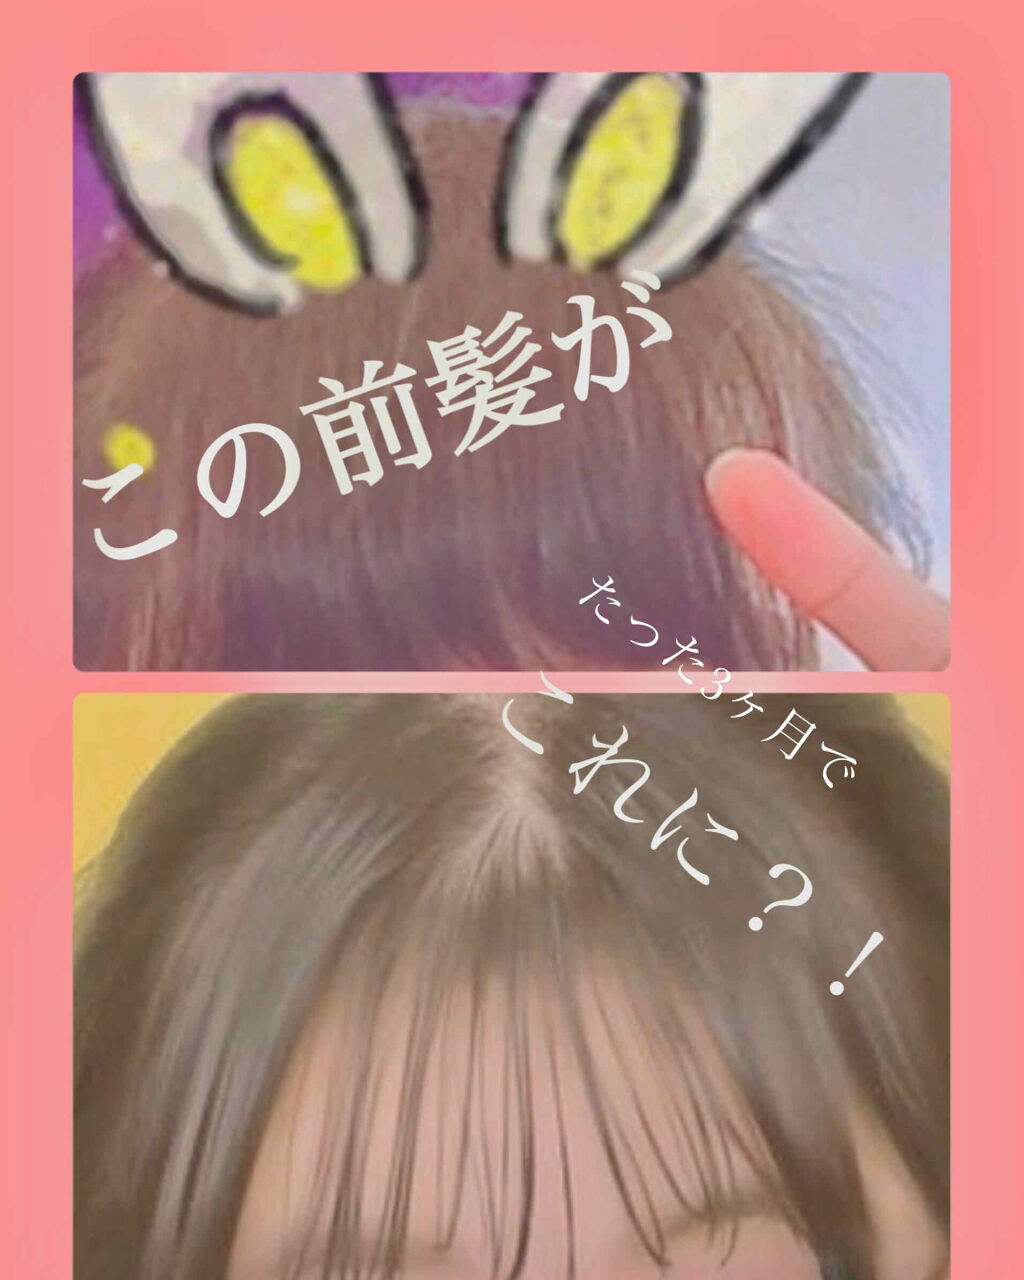 前髪 補正 アプリ